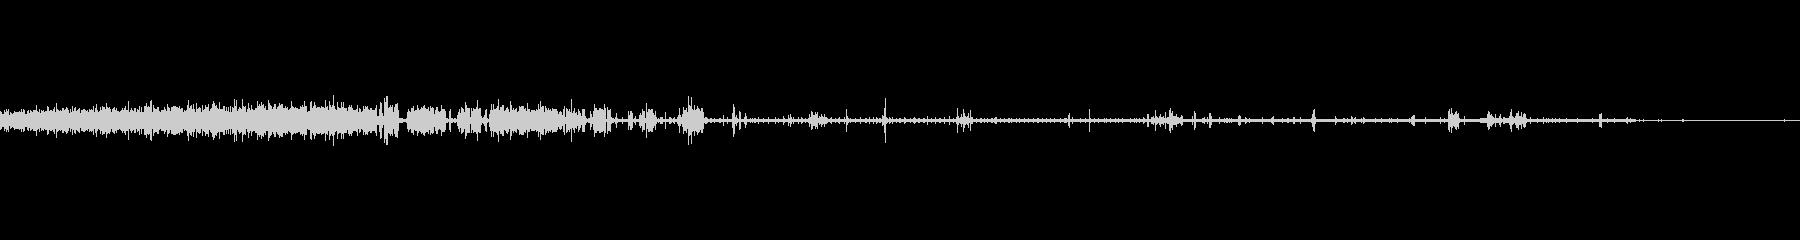 無線の静的、切断された接続の未再生の波形